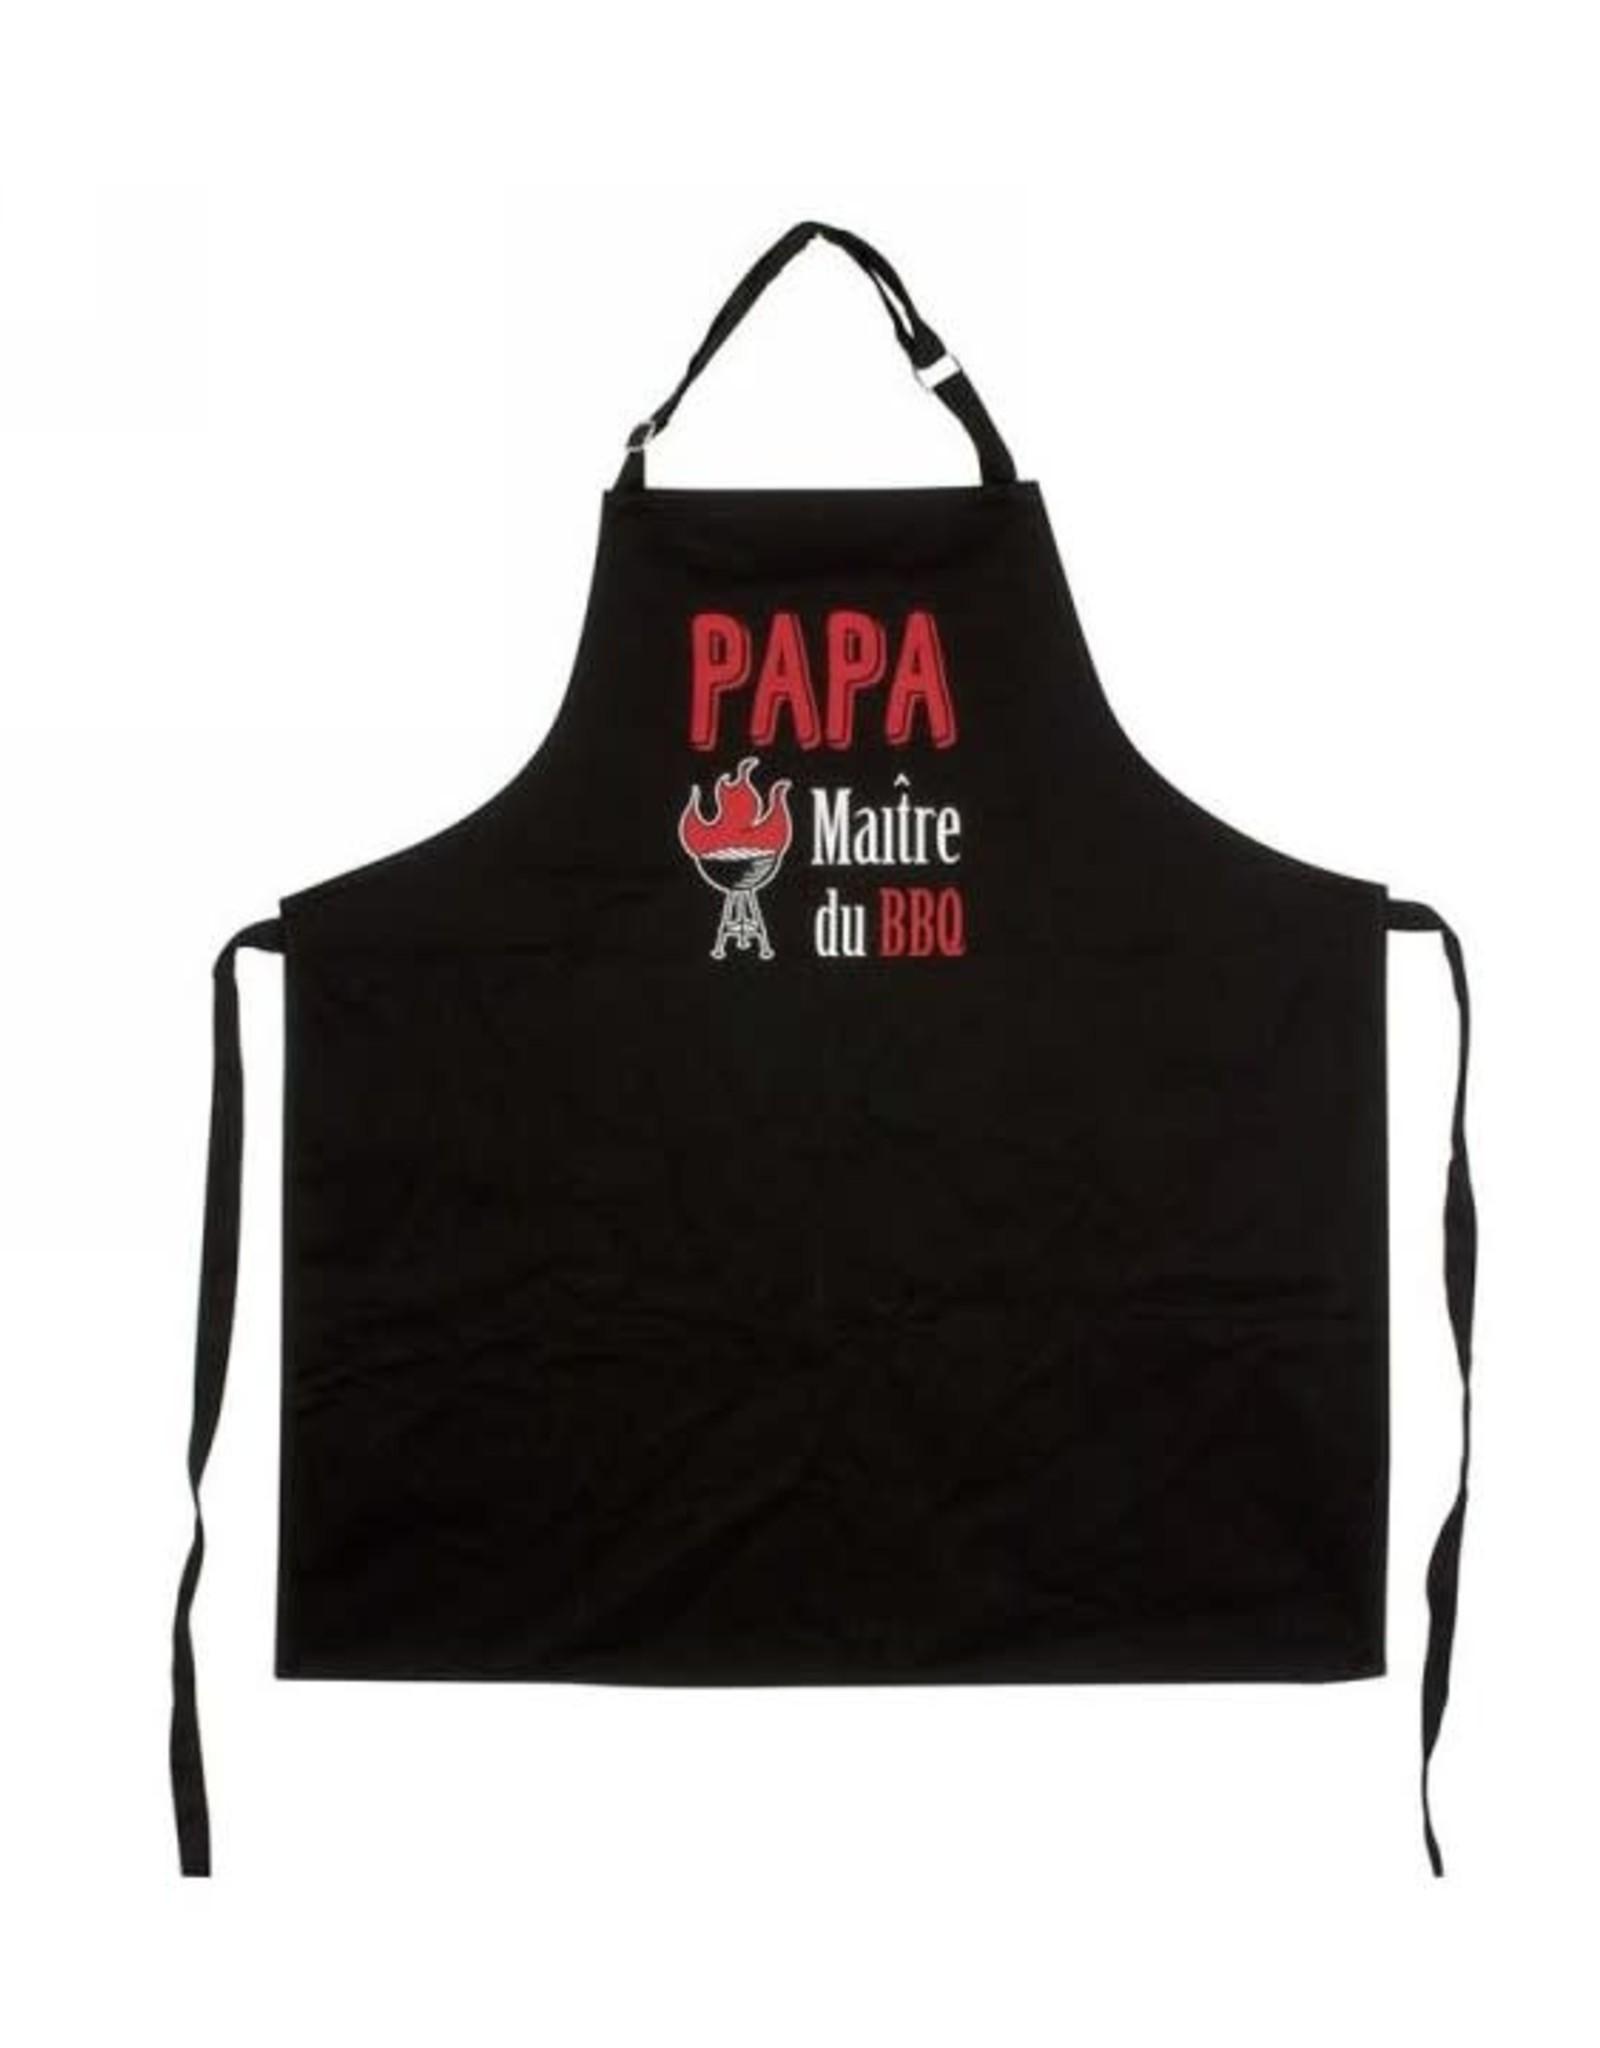 Tablier noir - Papa maître du BBQ